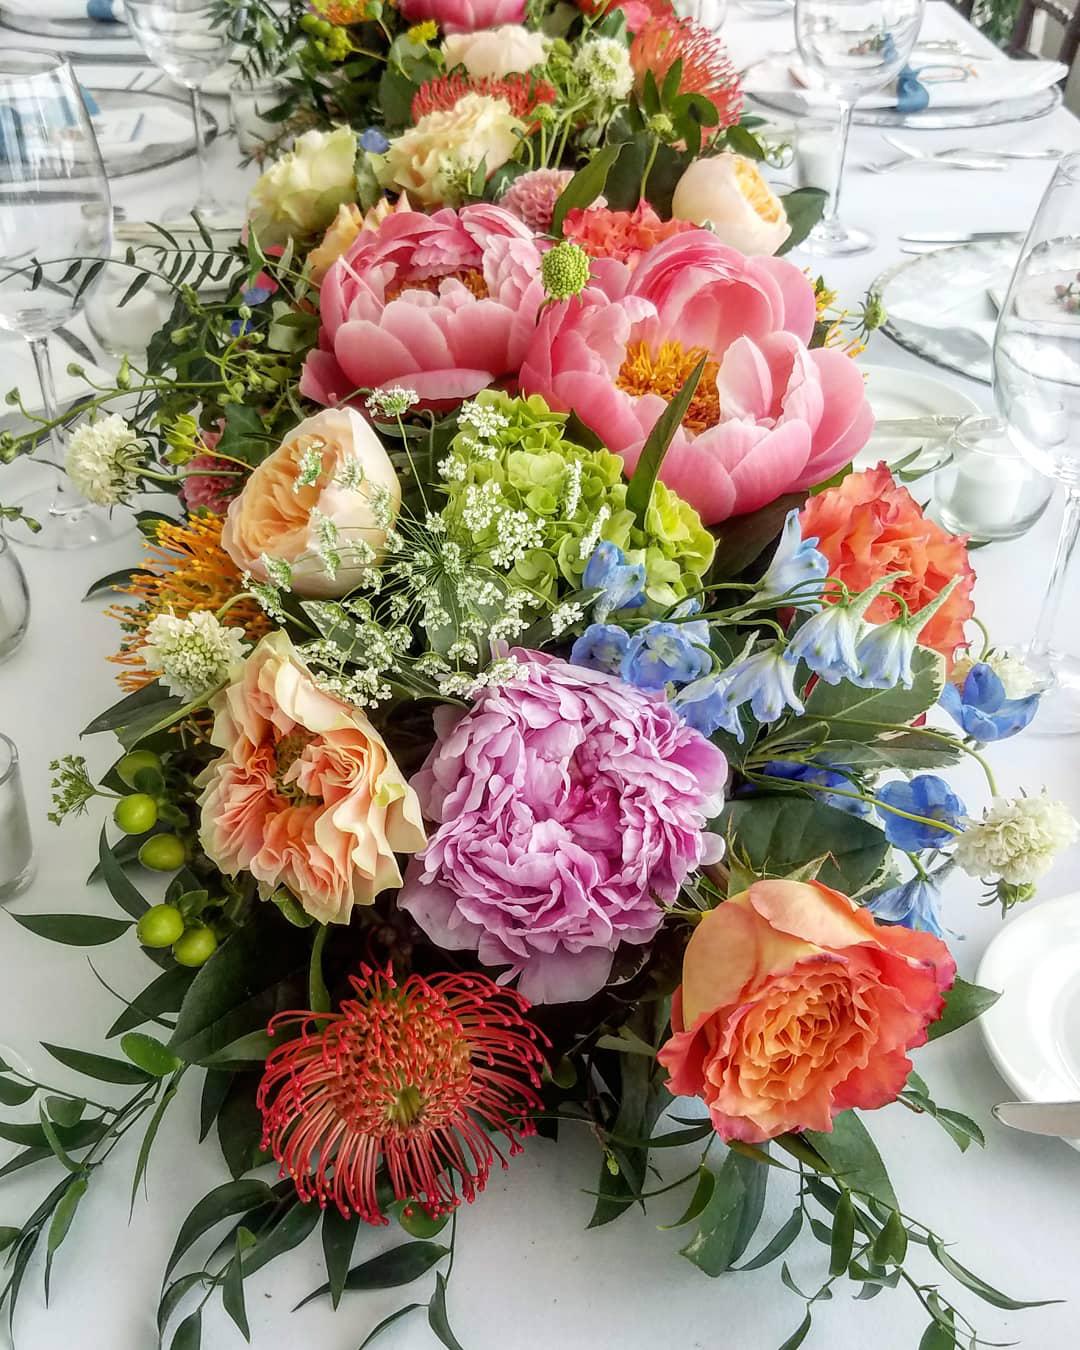 instagram_wedding_photos_flowers_centerpiece